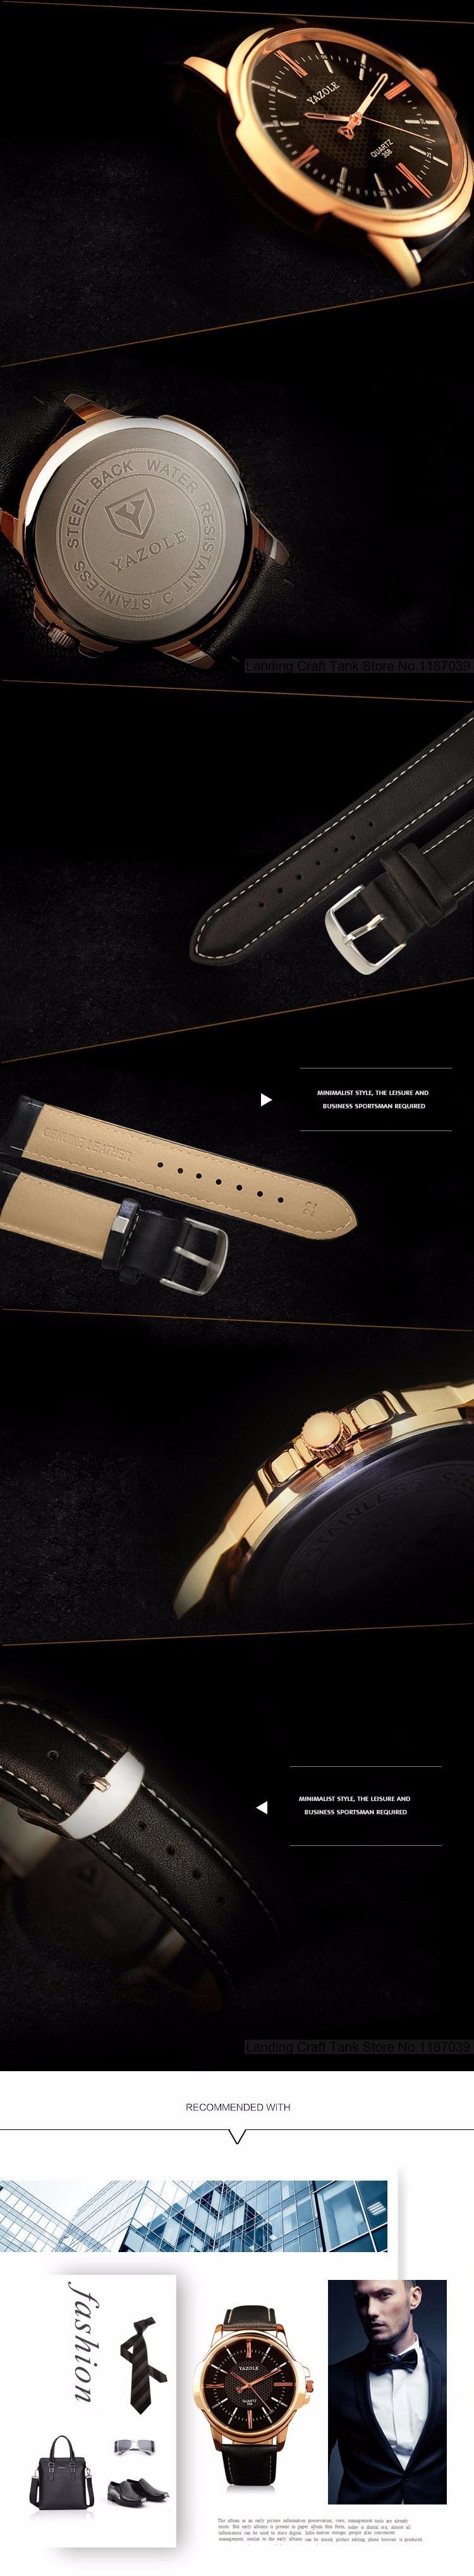 HTB1i9FZKFXXXXc1XFXXq6xXFXXXB - YAZOLE 2017 Rose Gold Luxury Watch for Men